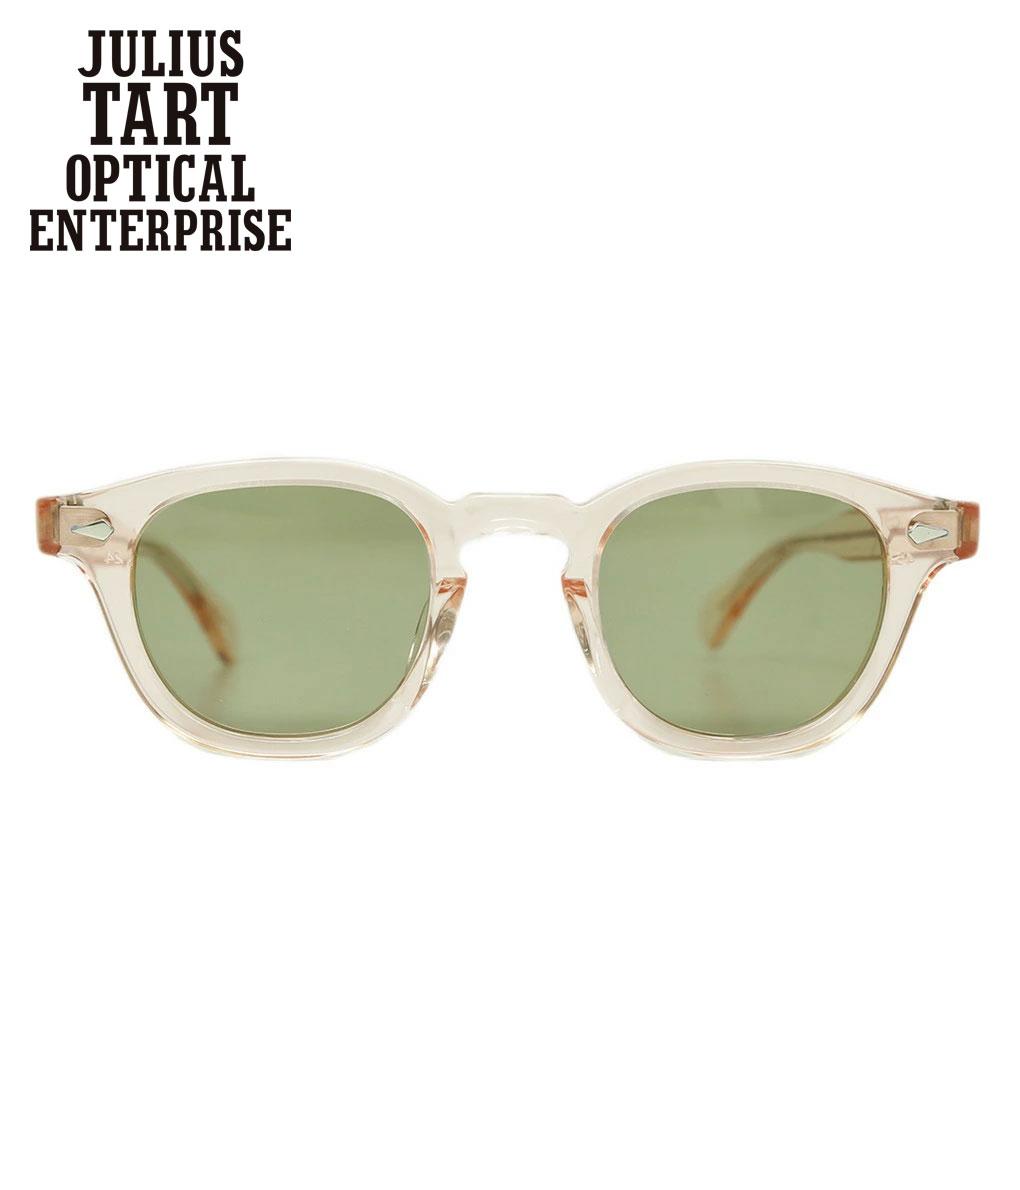 眼鏡・サングラス, 眼鏡 JULIUS TART OPTICAL AR 42-22 -FRESH PINK GREEN- JTPL-009H-GN-30WIS